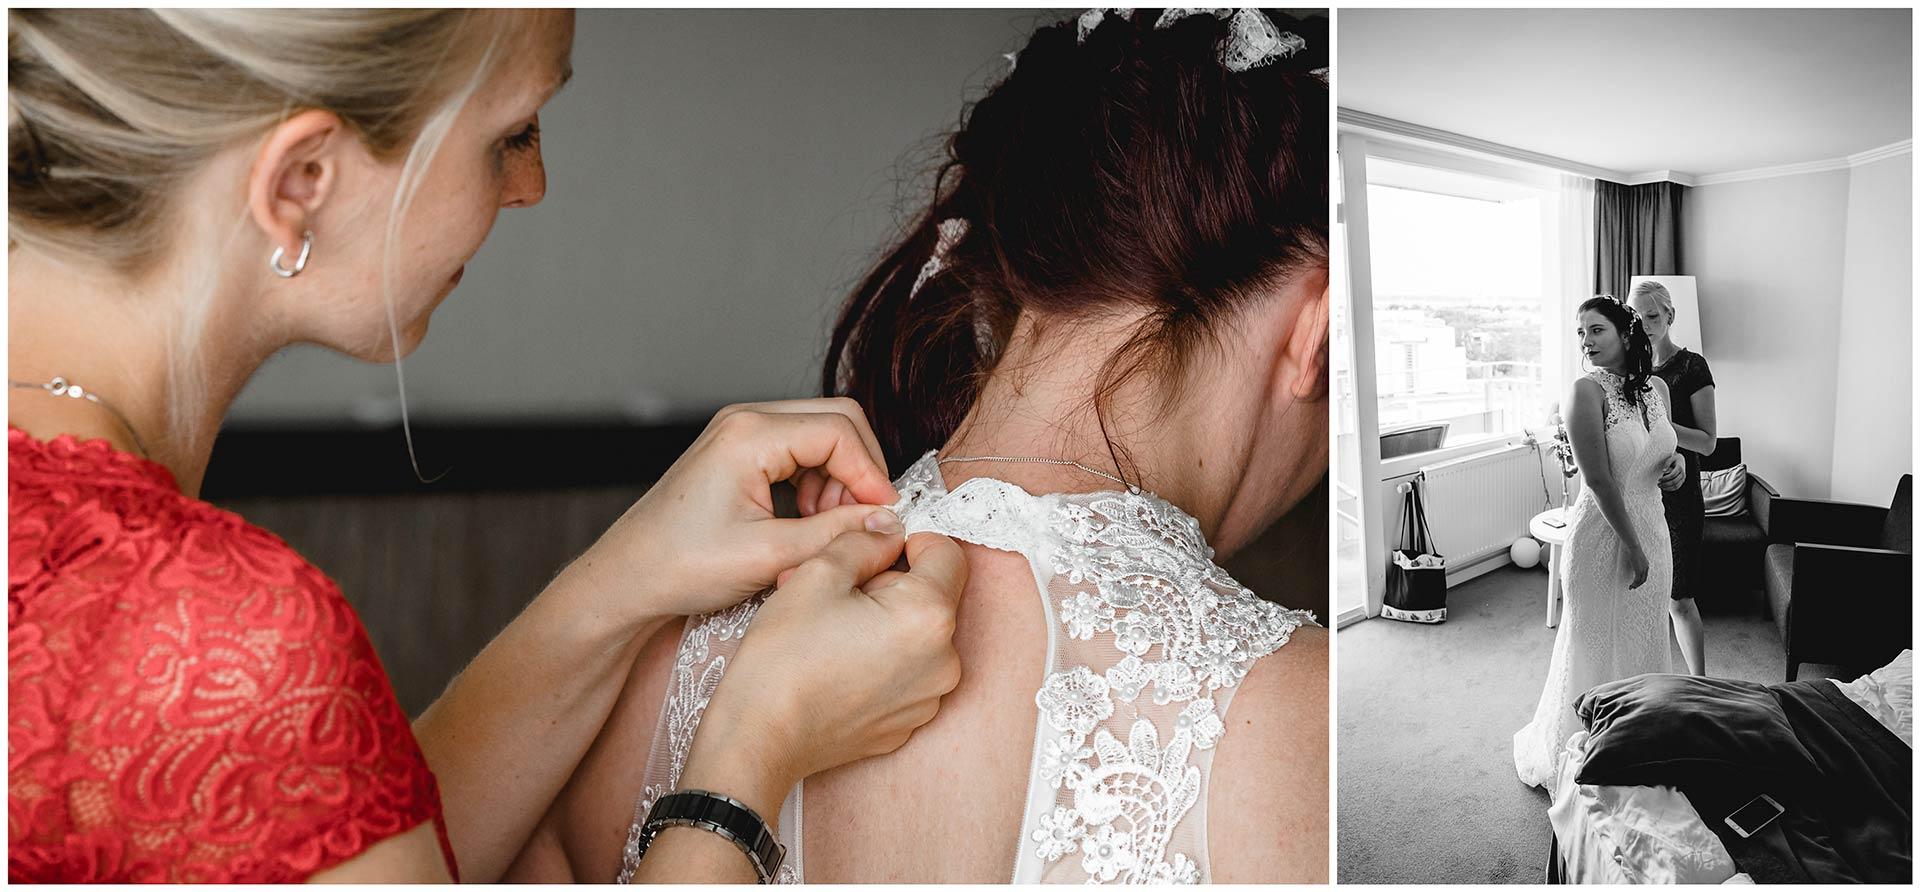 Trauzeugin-hilft-Braut-beim-Ankleiden-macht-Knopf-vom-Hochzeitskleid-zu-Hochzeitsfotograf-Warnemuende-Rostock-Hochzeitsfotograf-Ostseebad-Warnemuende